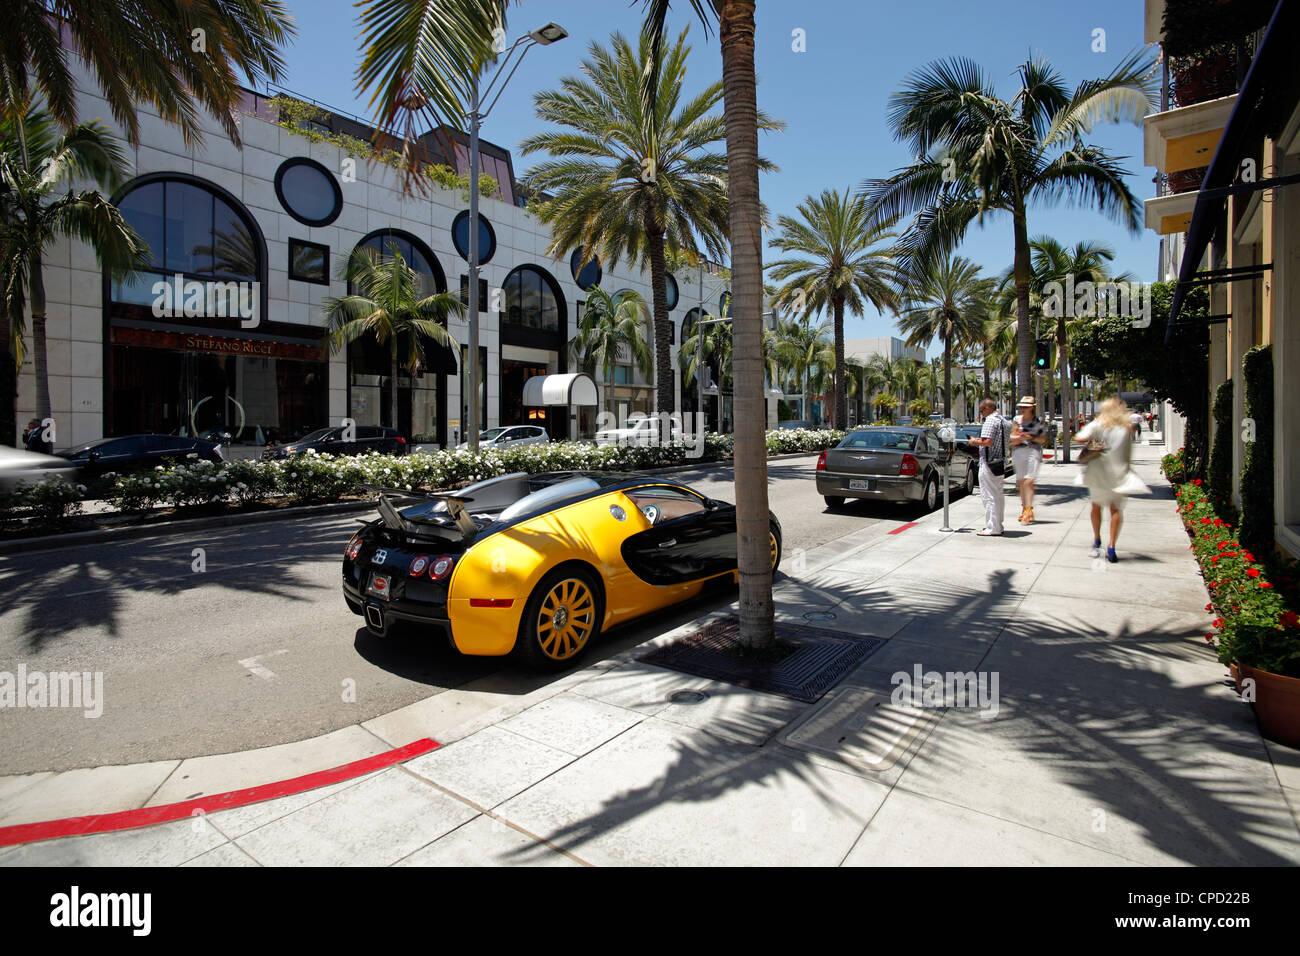 Bateau Voiture garée sur Rodeo Drive, Beverly Hills, Los Angeles, Californie, États-Unis d'Amérique, Amérique du Banque D'Images